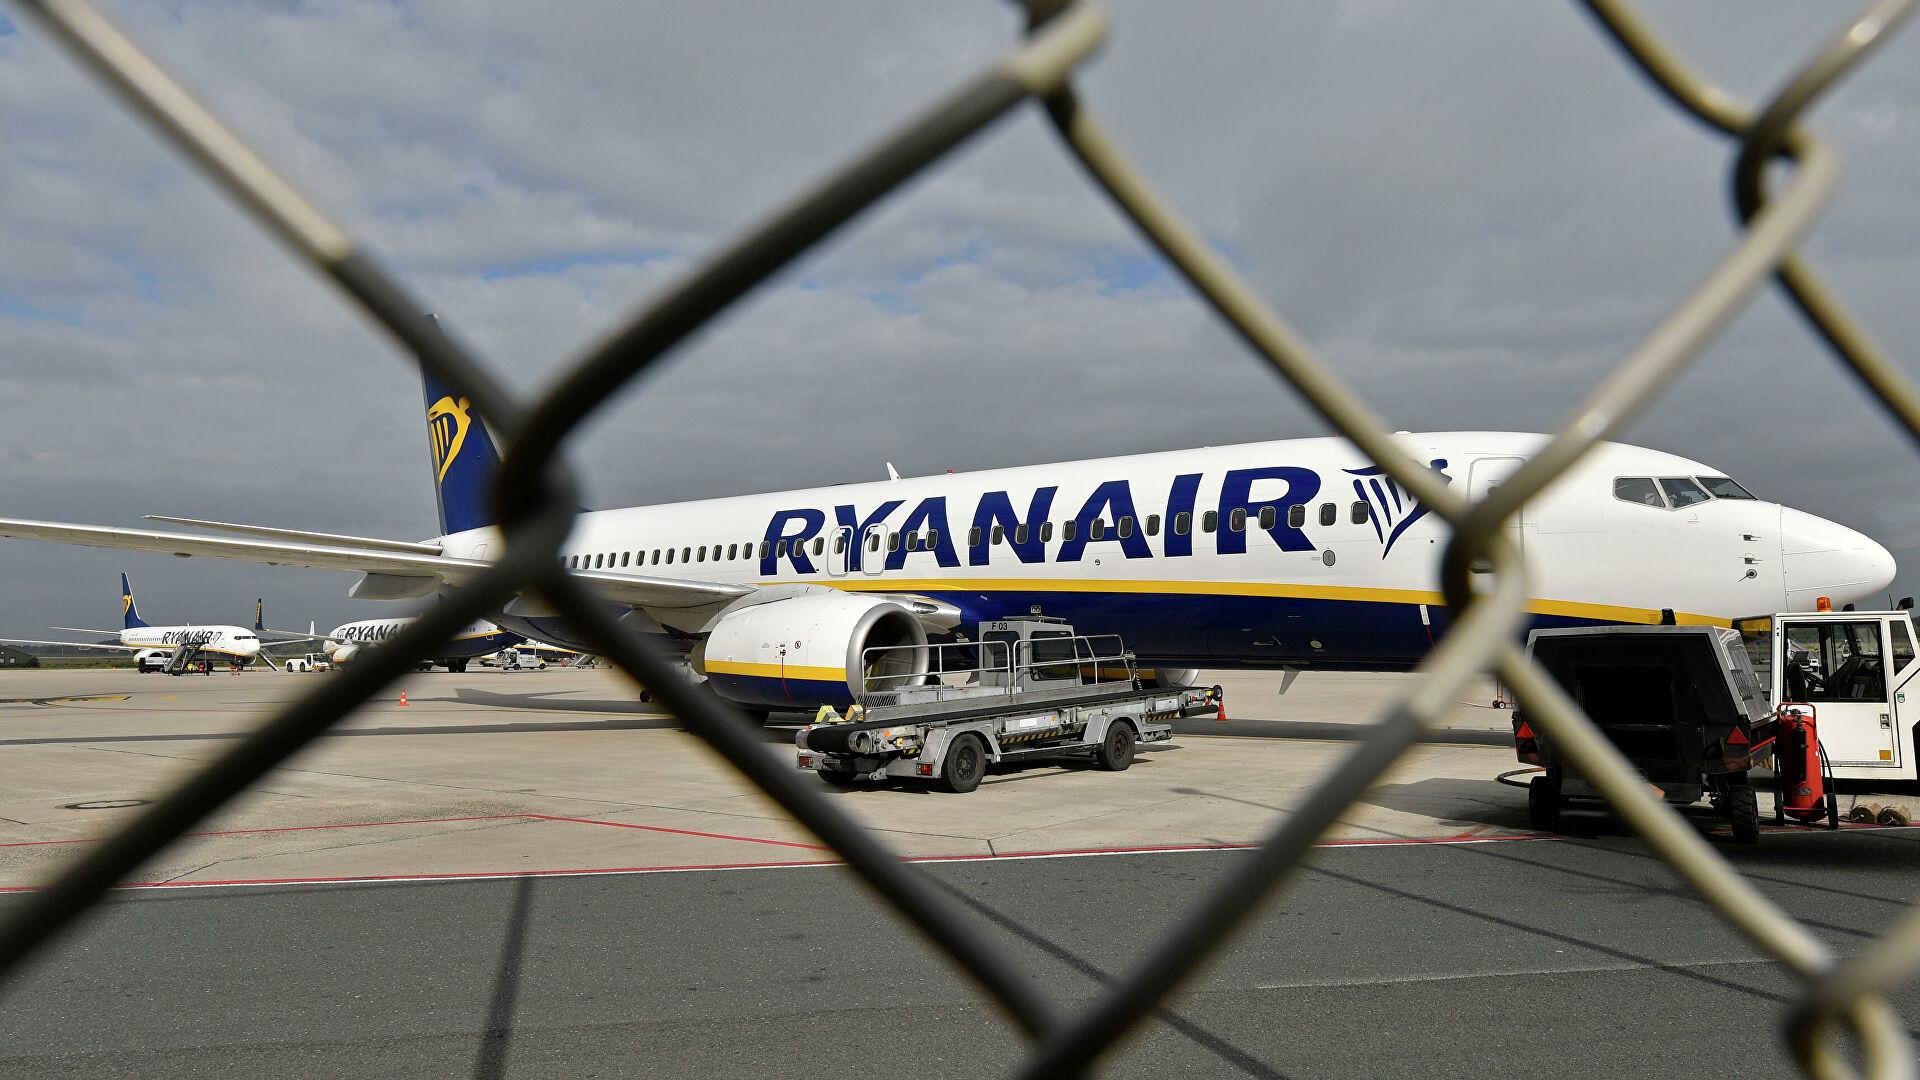 СМИ: Минск не разрешил пилотам связаться с Ryanair перед посадкой